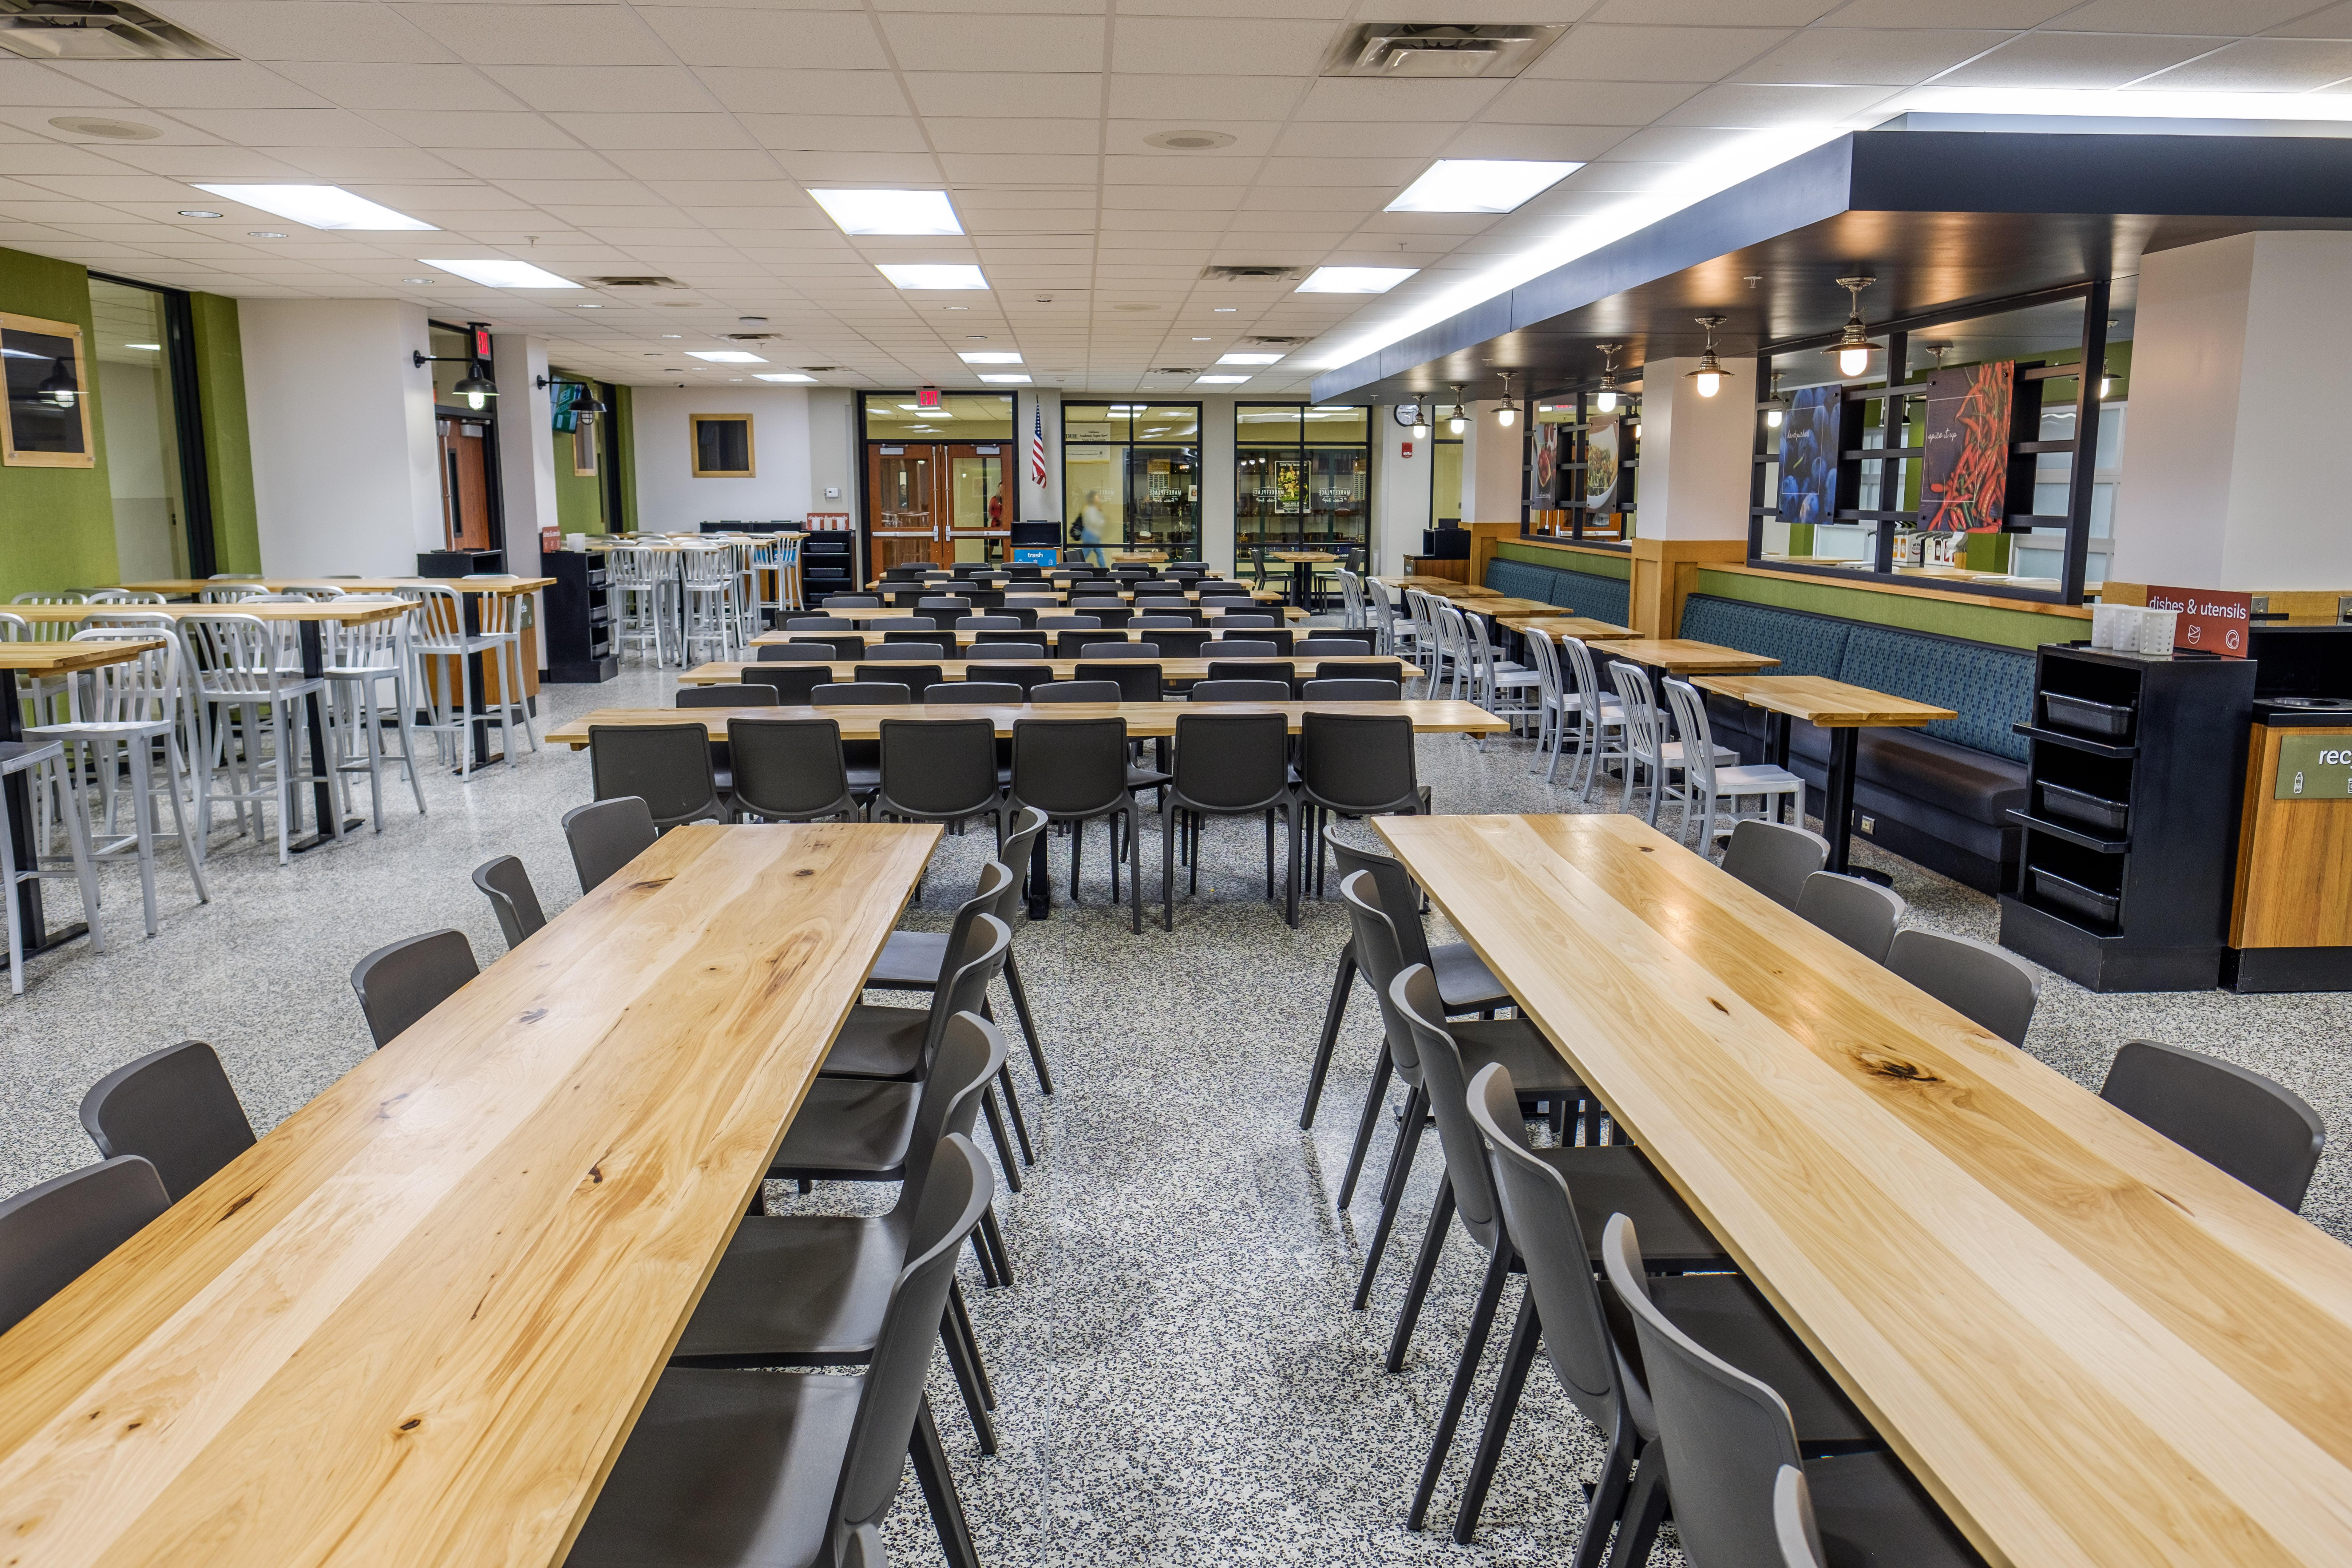 PendletonHeightsHighSchool-004